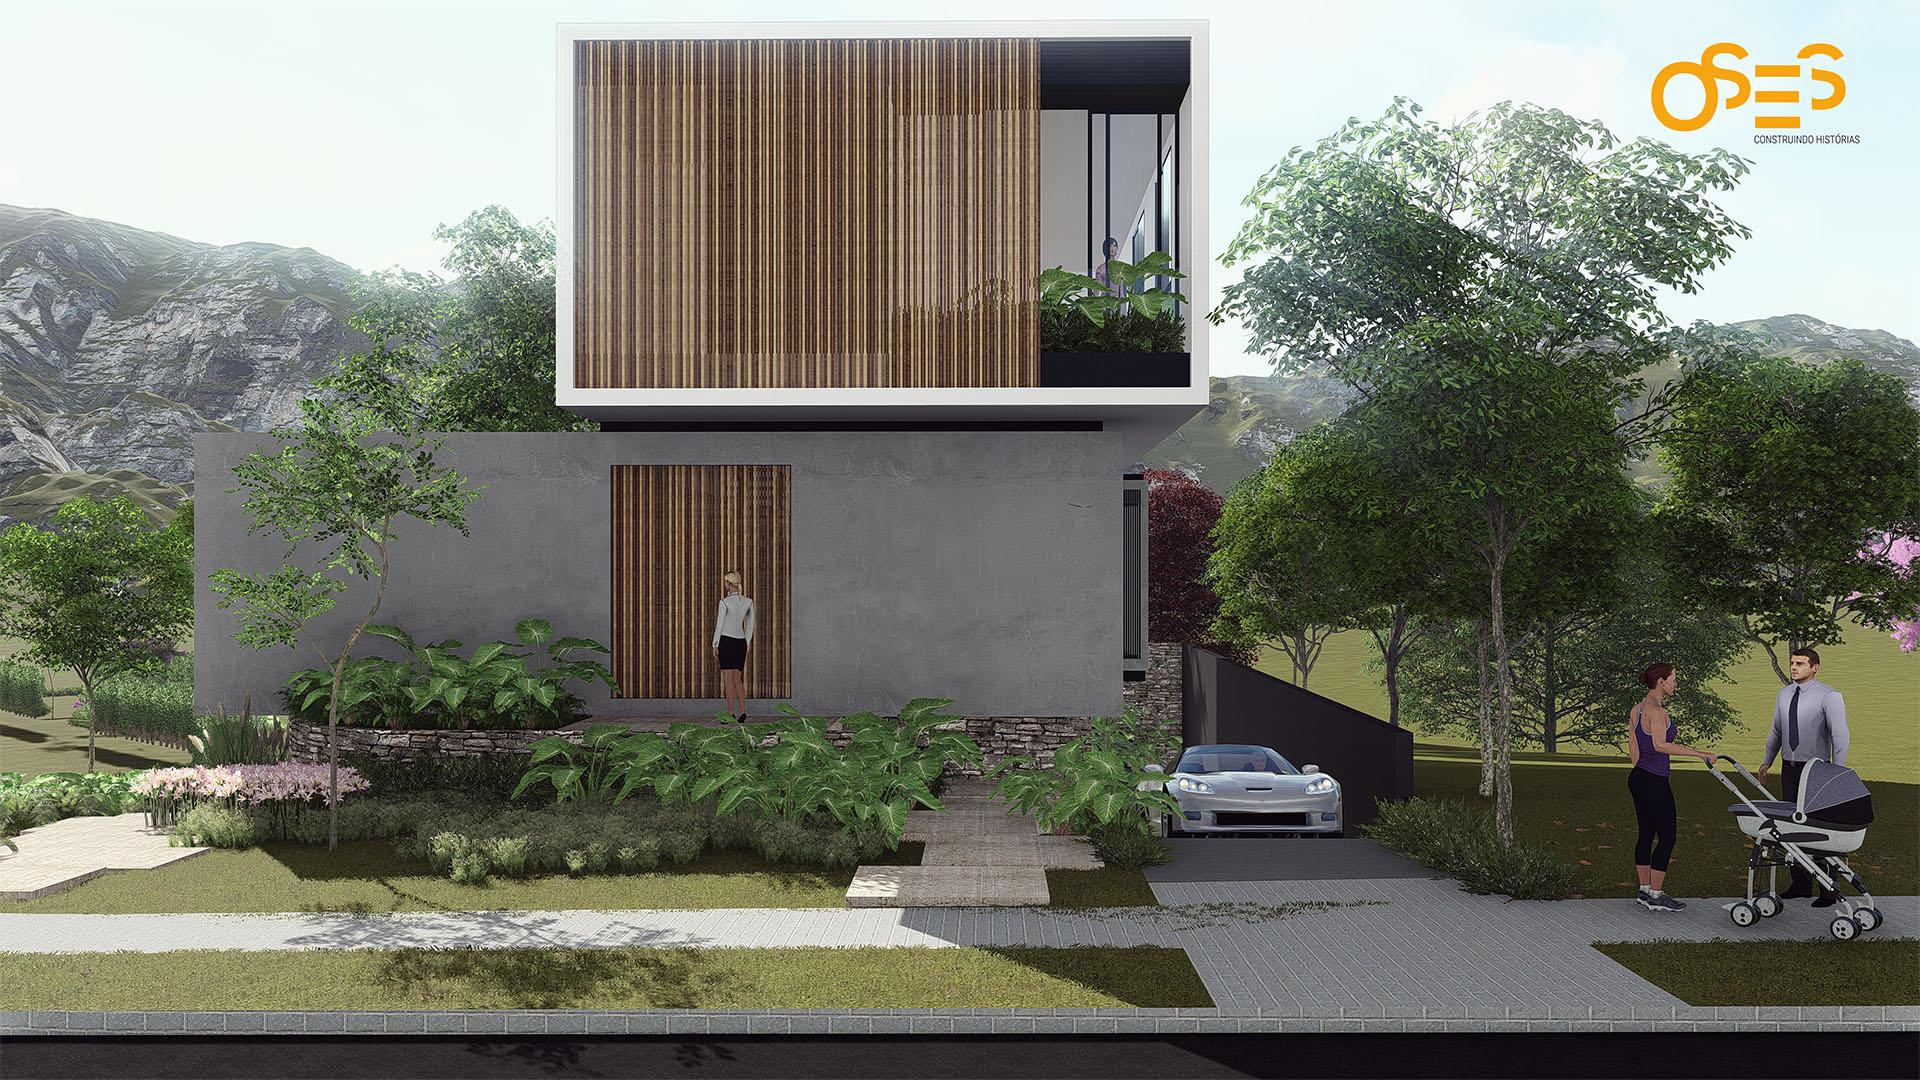 casa_alpha_oses_construtora (8)